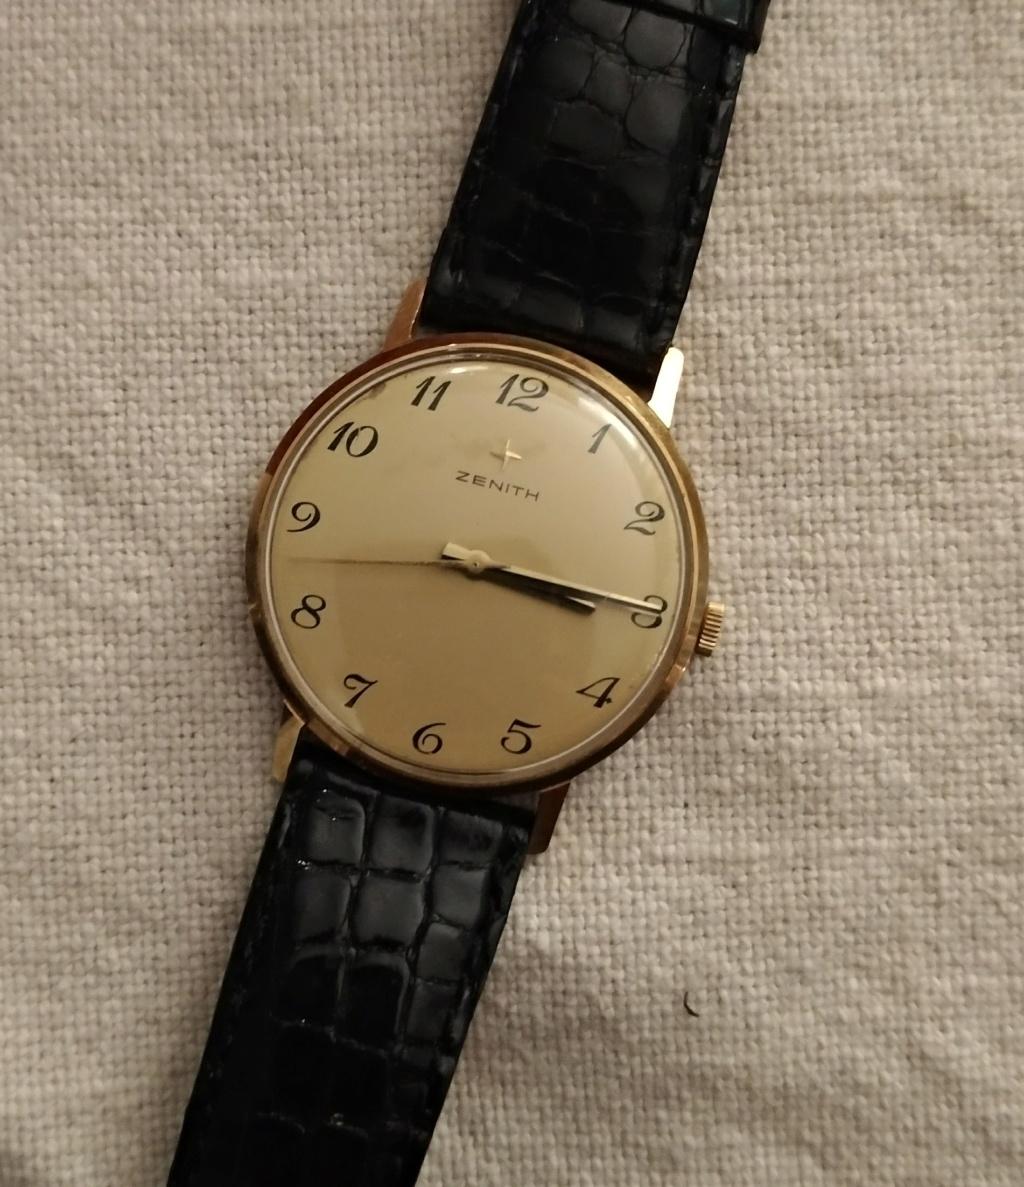 Mido -  [Postez ICI les demandes d'IDENTIFICATION et RENSEIGNEMENTS de vos montres] - Page 33 P_202012